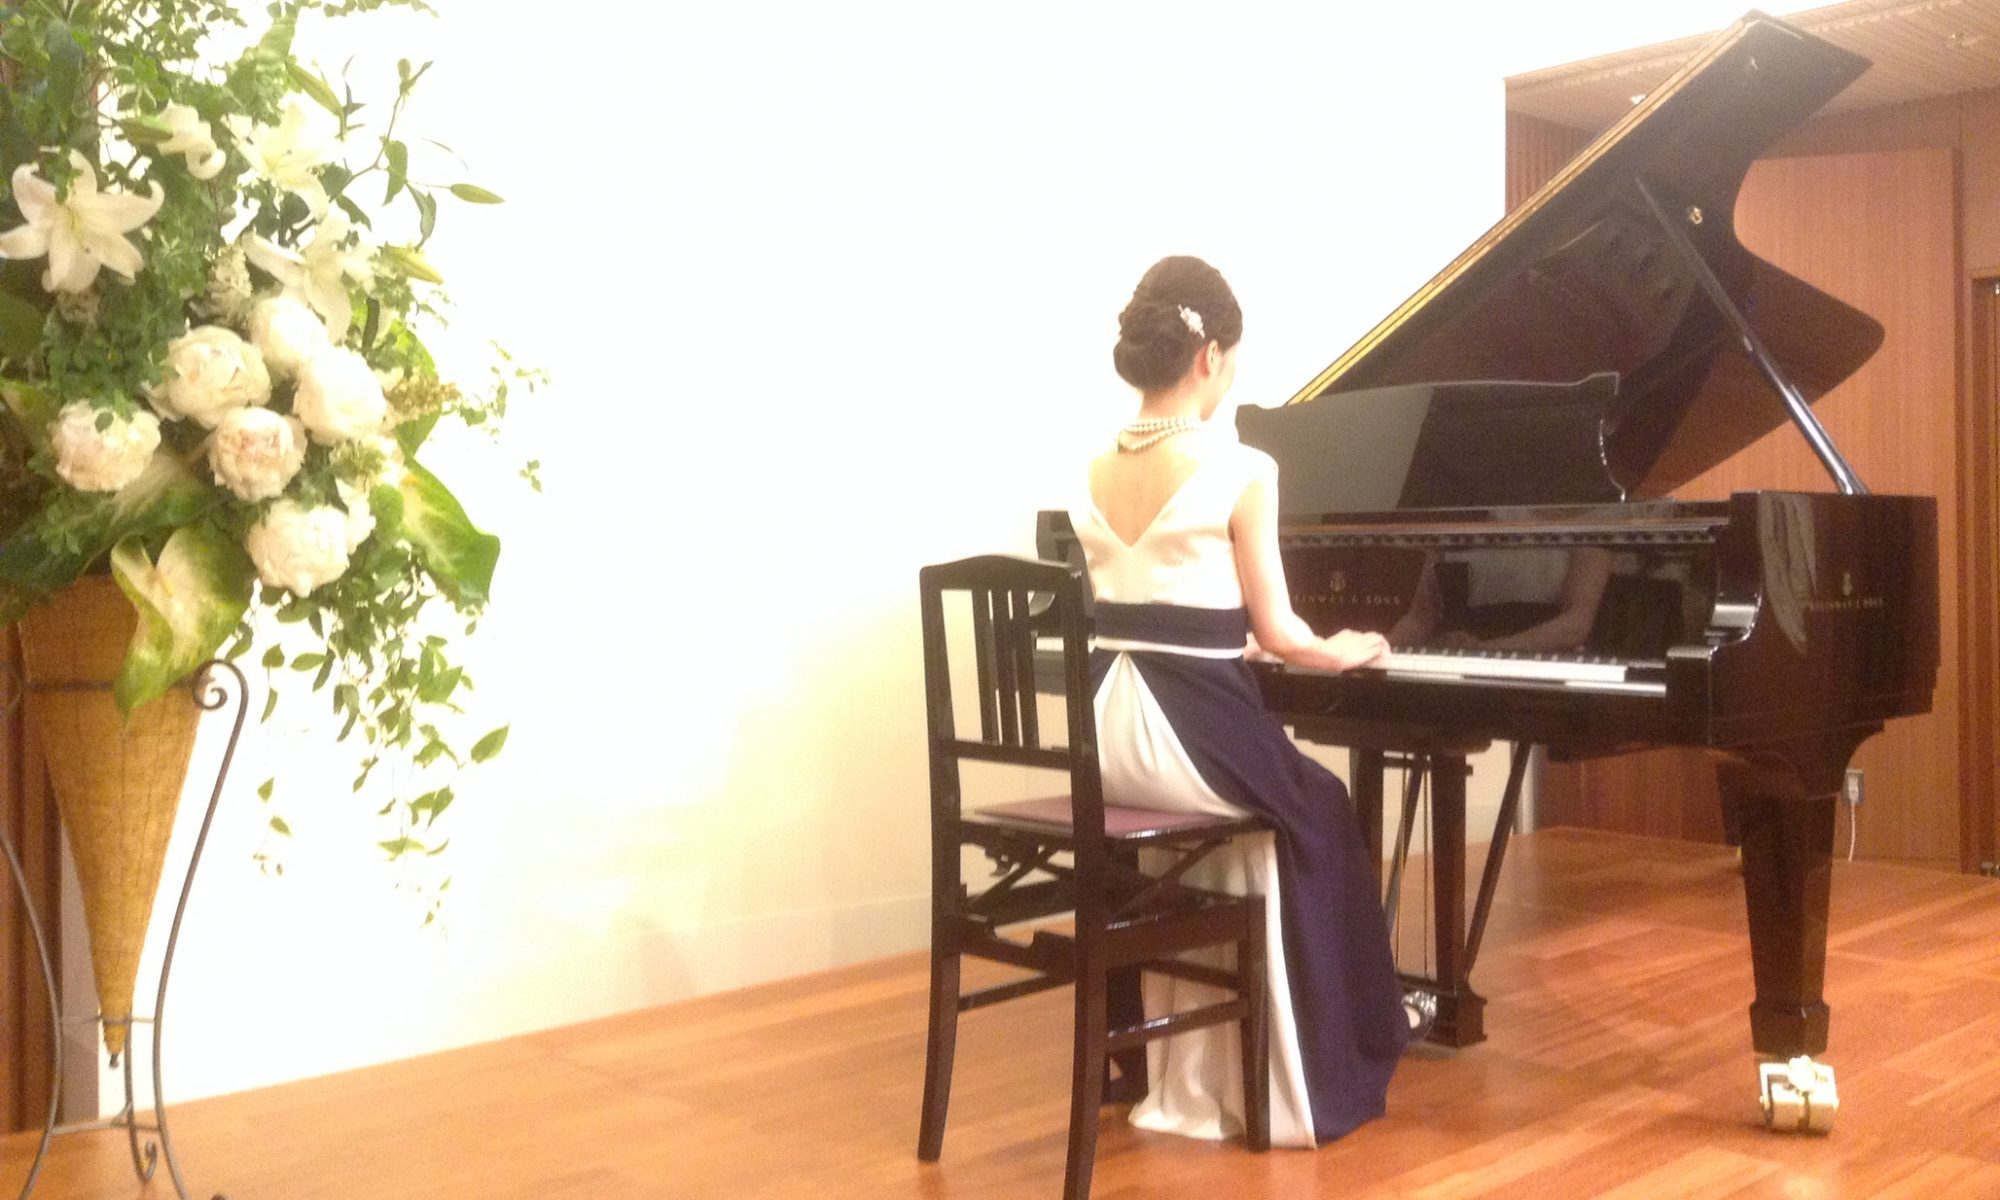 大人のピアノ教室|エムプラスピアノ教室|池袋  汐留 東京